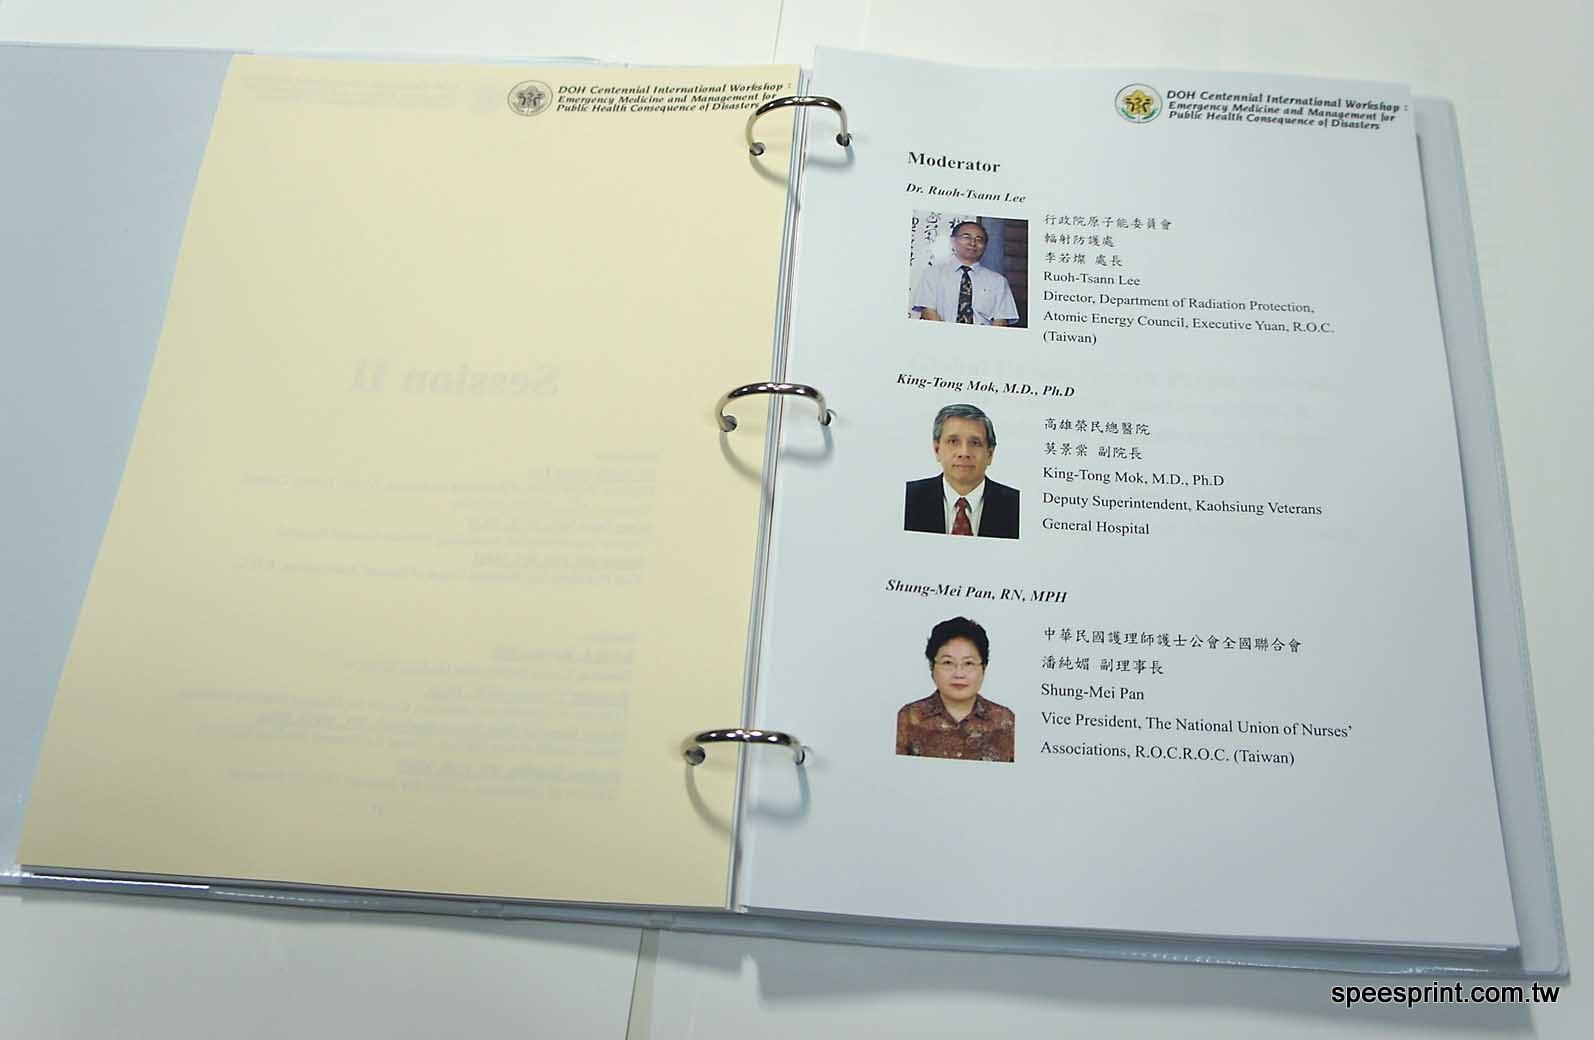 研討會論文摘要手冊會議手冊資料夾